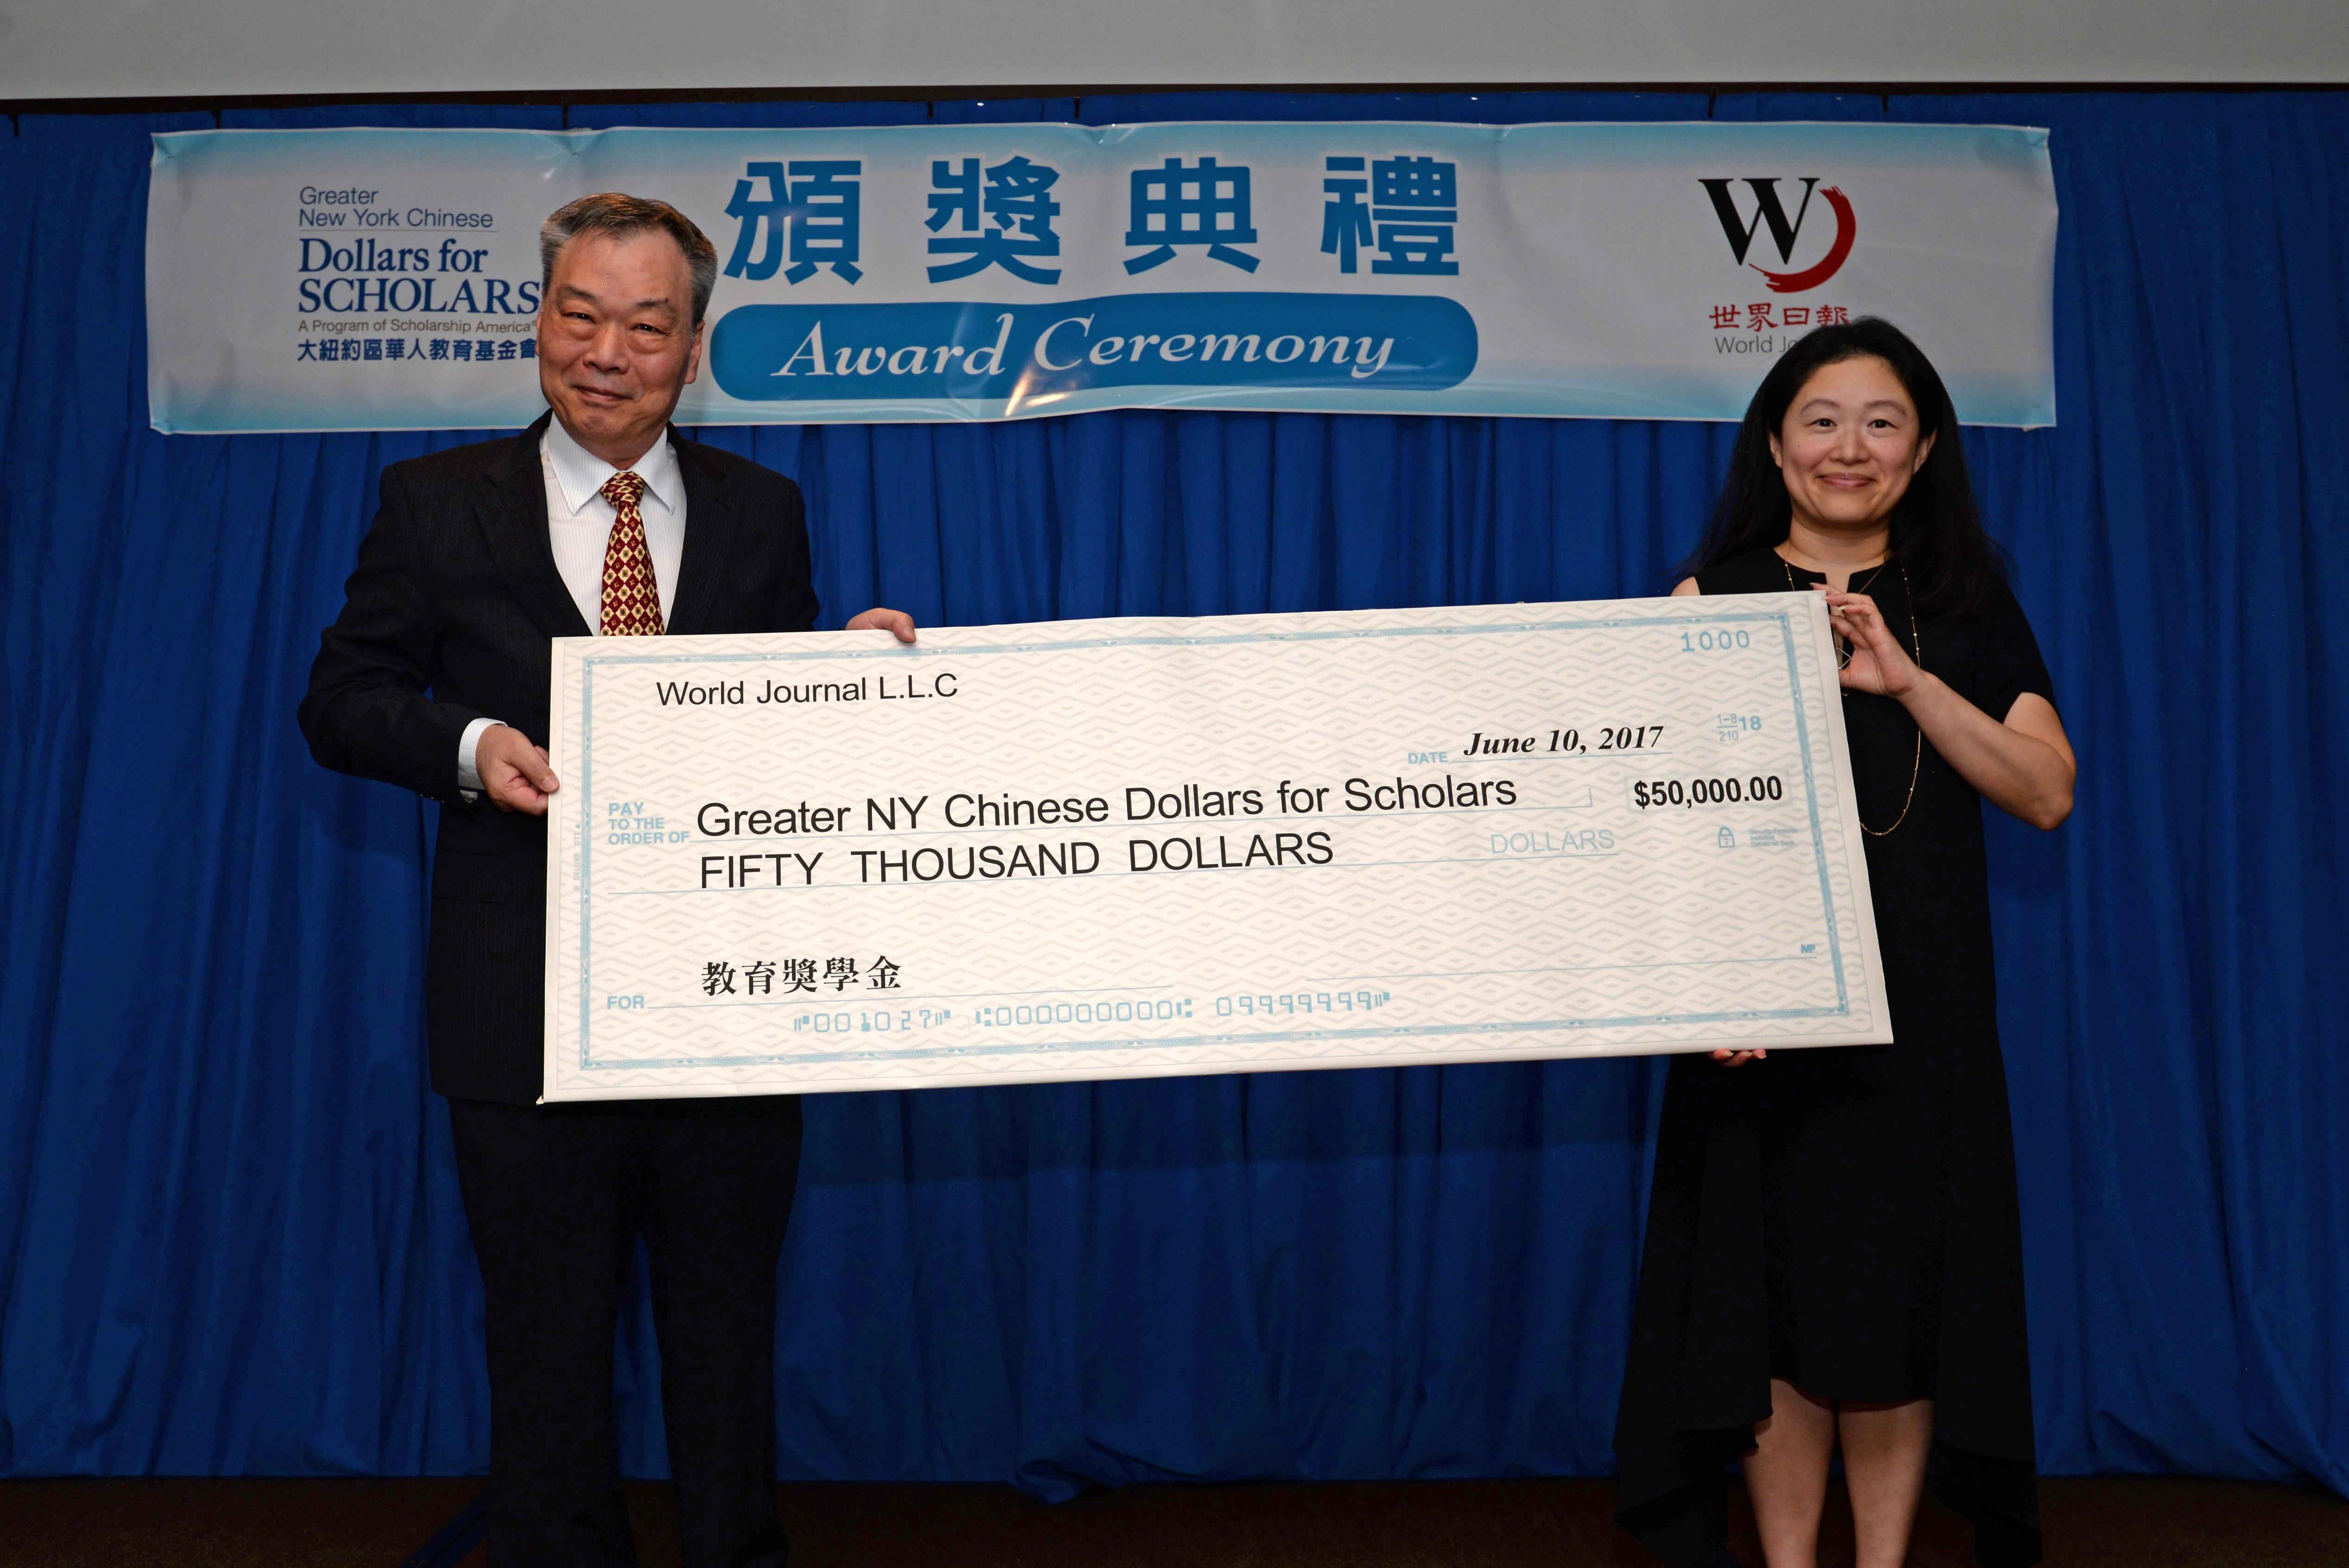 世界日報前社長張漢昇(左)於2017年代表世界日報,捐贈獎學金給大紐約區華人教育基金會,由李德怡會長(右)代表進行受贈儀式。(本報資料庫)